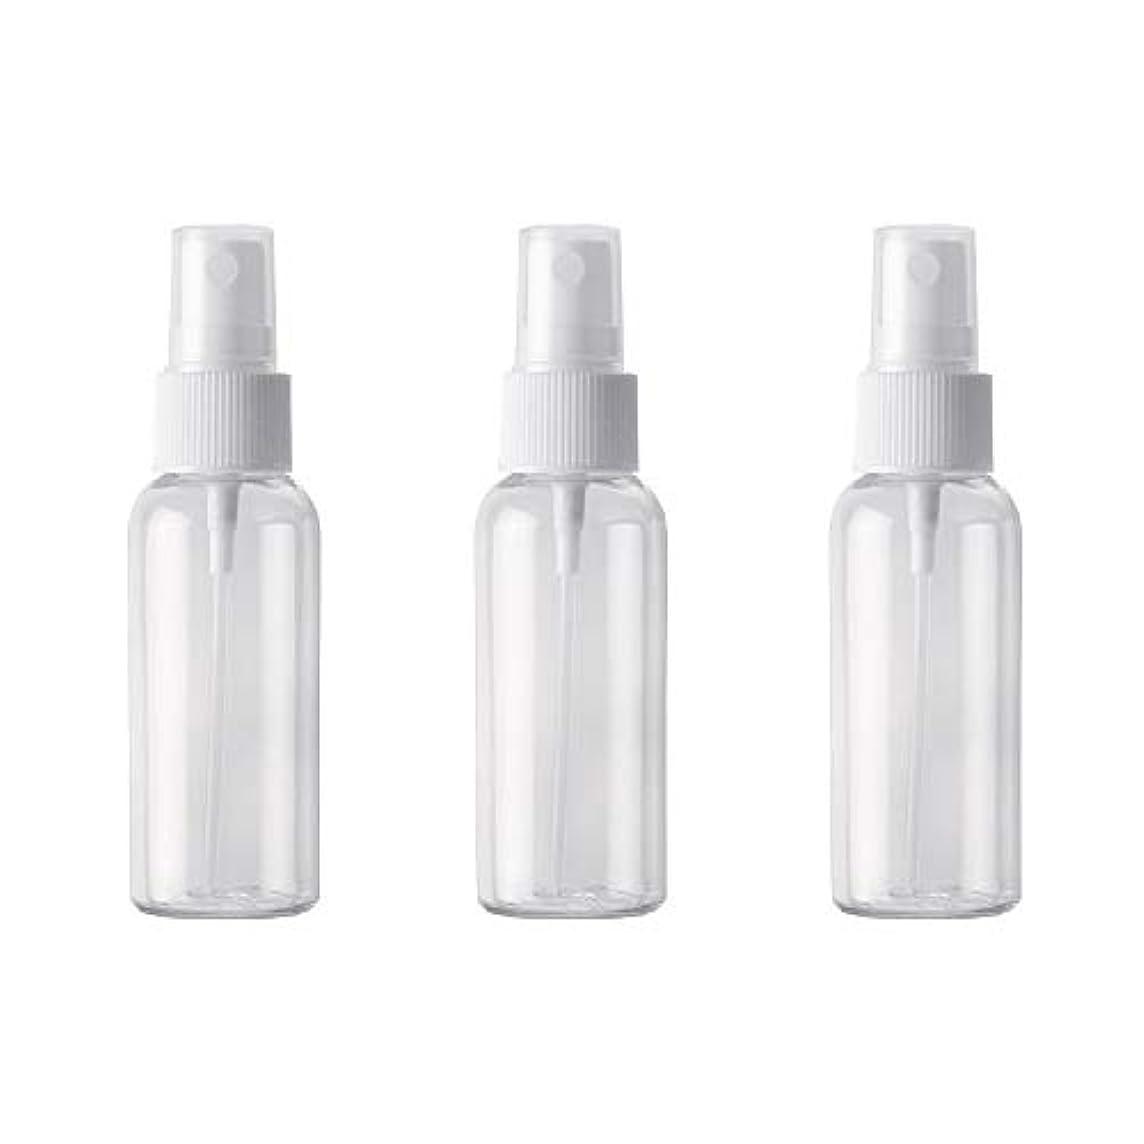 純粋にどこ気難しいFlymylion 小分けボトル スプレーボトル 50ml おしゃれ 空ボトル 3本セット 環境保護の材料 PET素材 化粧水 詰替用ボトル 旅行用品